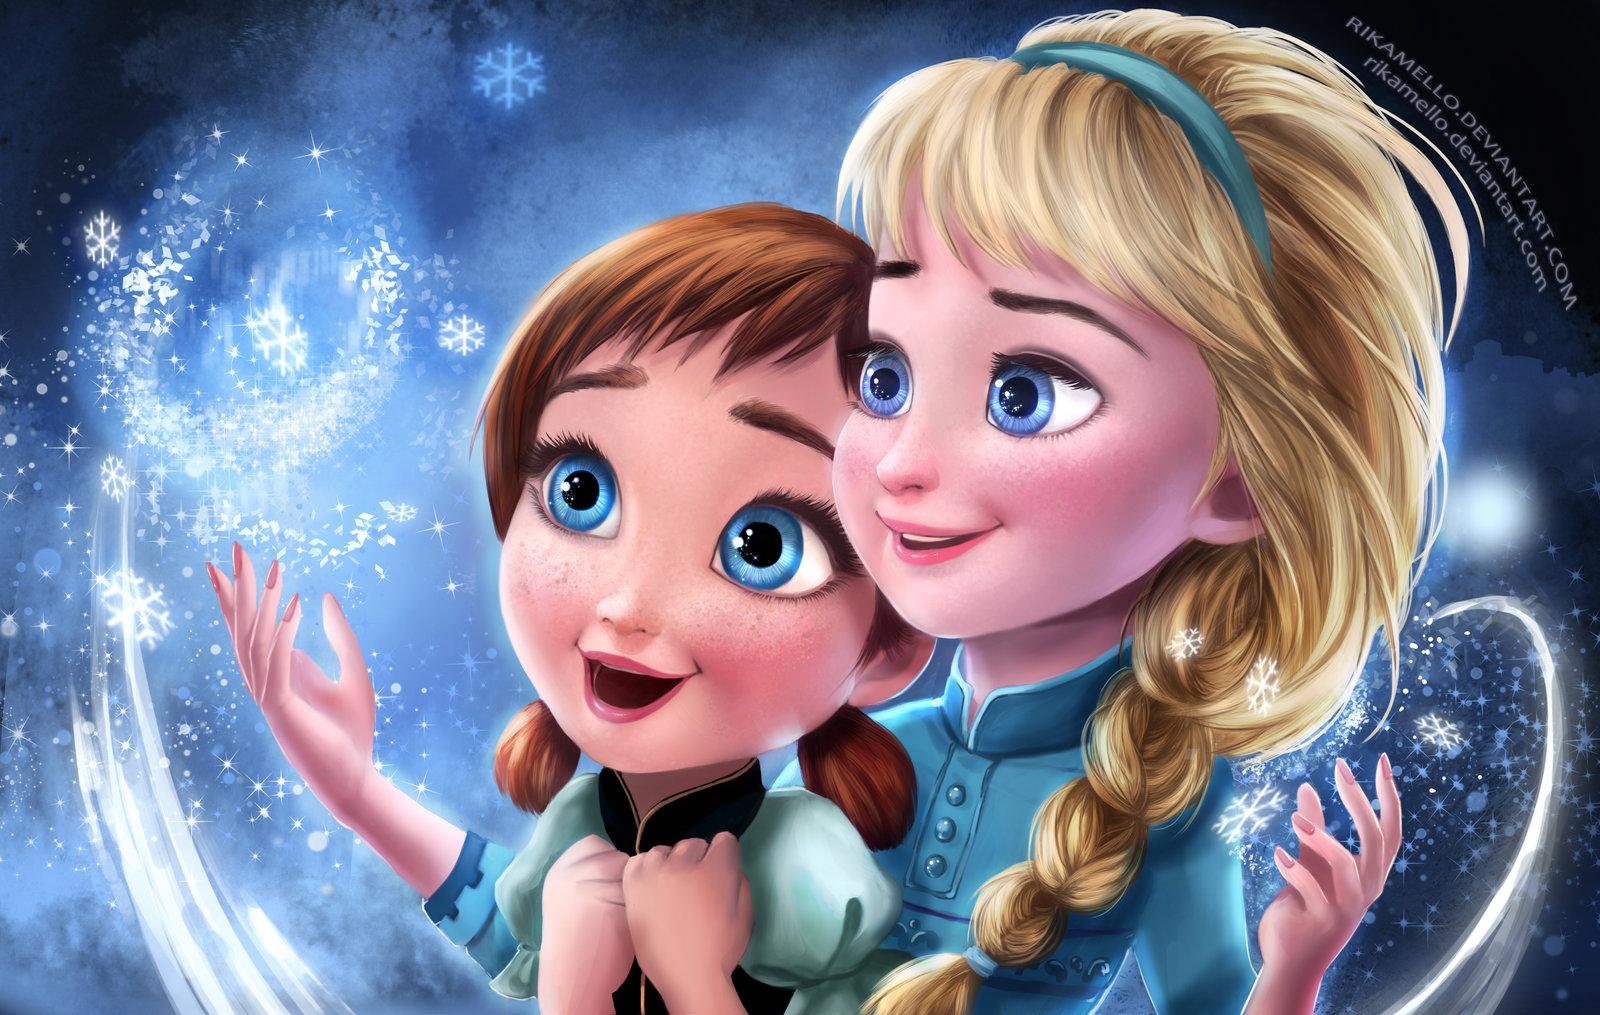 Permainan Frozen Berpakaian Dan Berdandan Game Dan Gambar